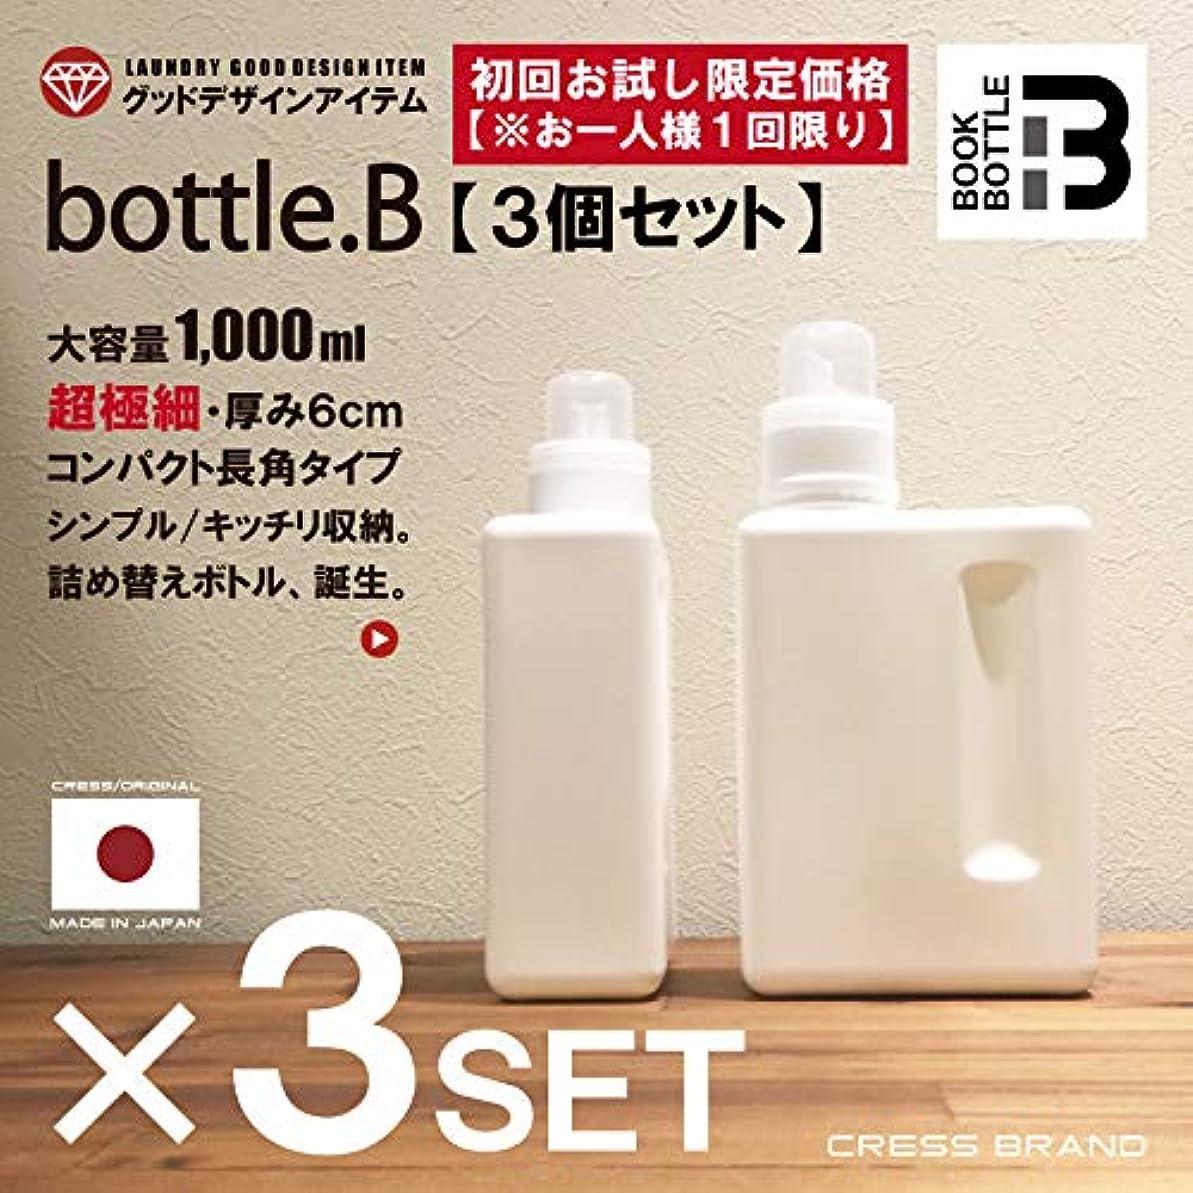 不可能な挨拶恵み<3個セット>bottle.B-3set【初回お試し限定価格?お一人さ様1回限り】[クレス?オリジナルボトル]1000ml BOOK-BOTTLE